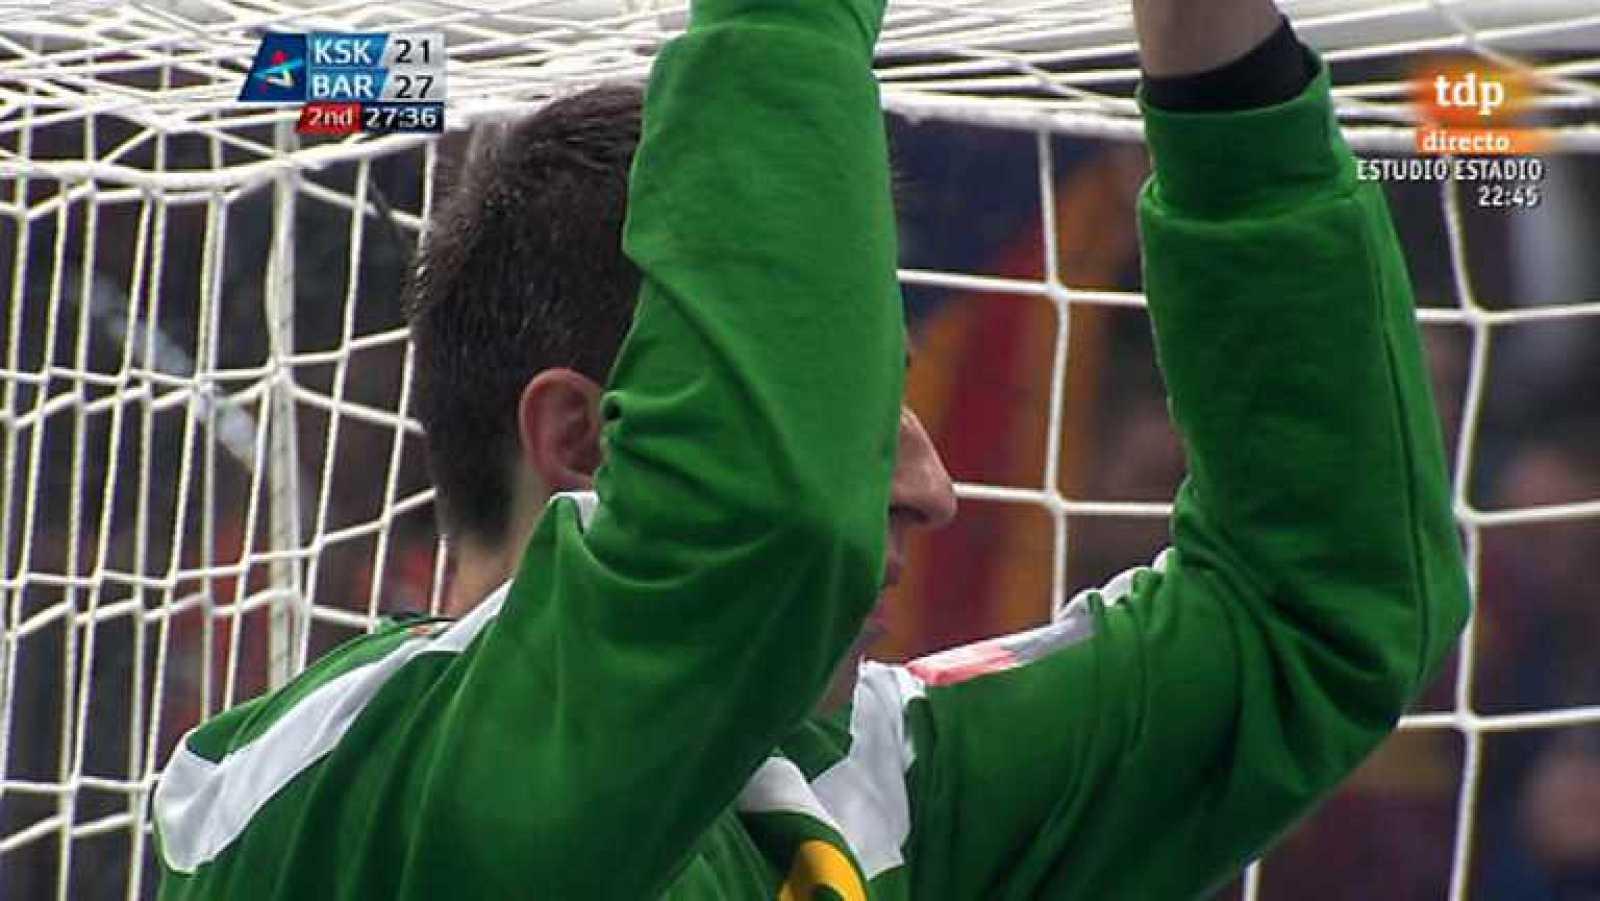 Balonmano - Liga Campeones. Final four 1ª semifinal: KS Vive Targi Kielce-FC Barcelona - Ver ahora